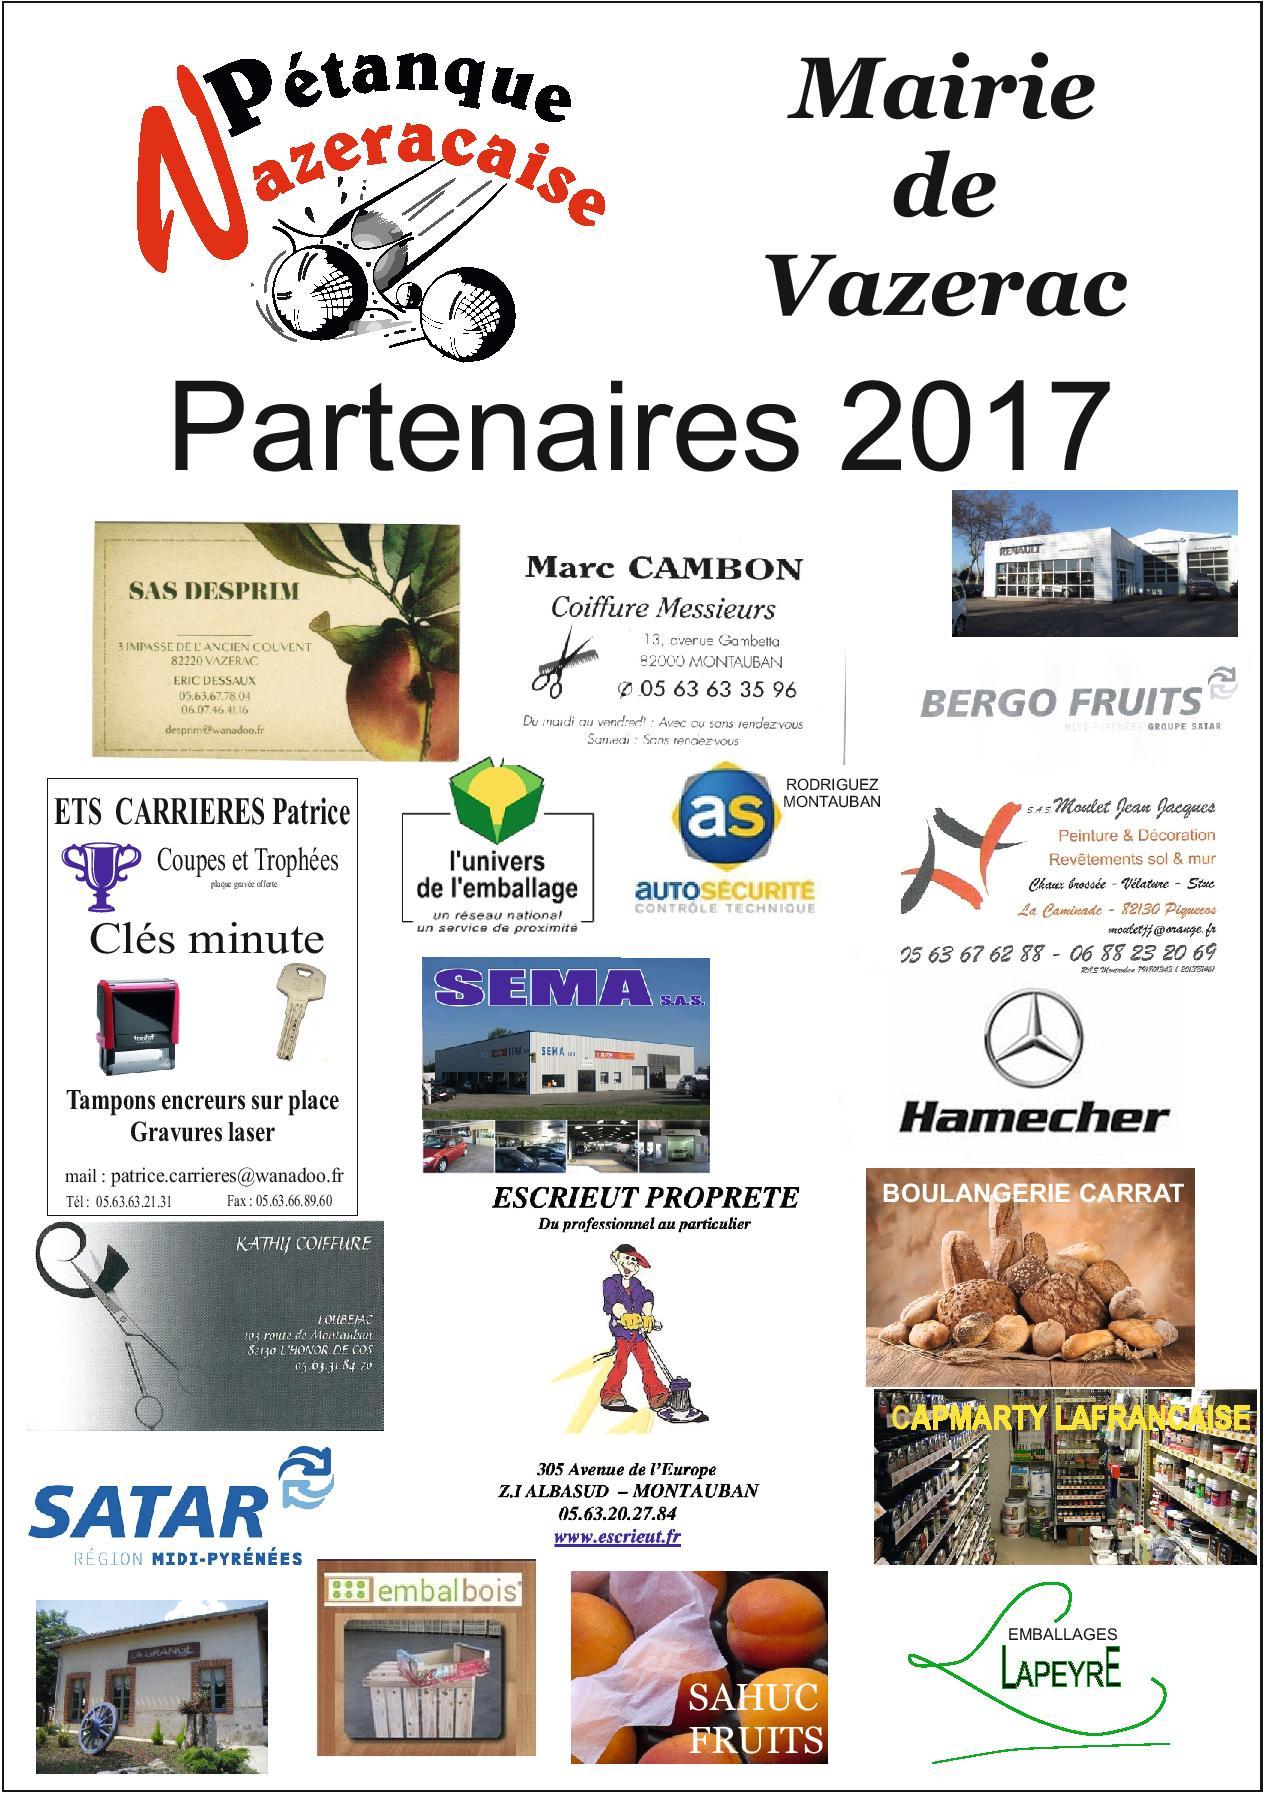 Partenaires 2017.